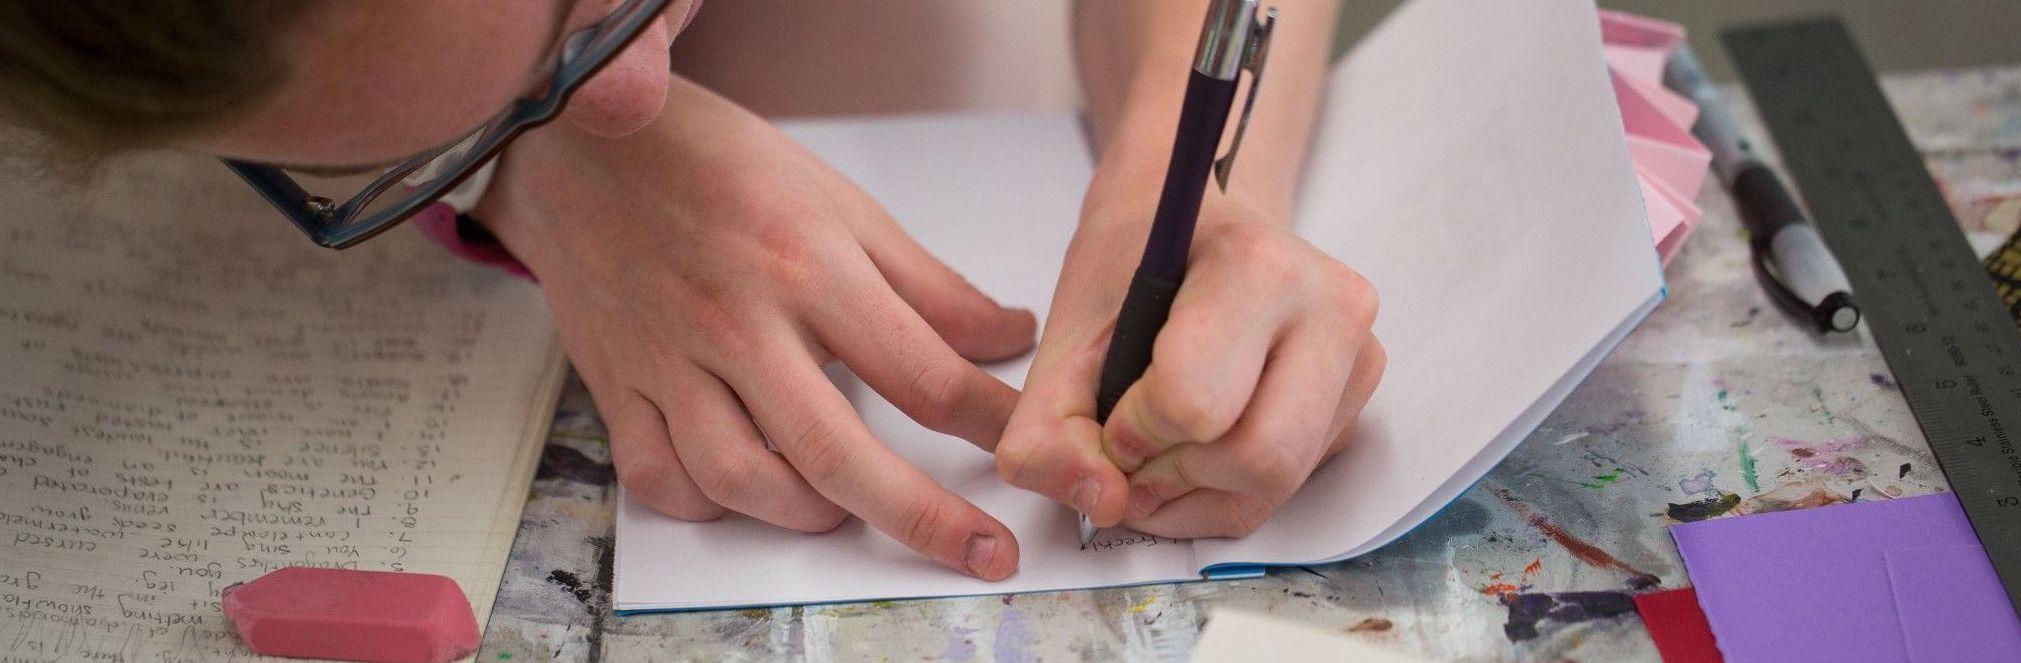 juniper participant writes in a notebook